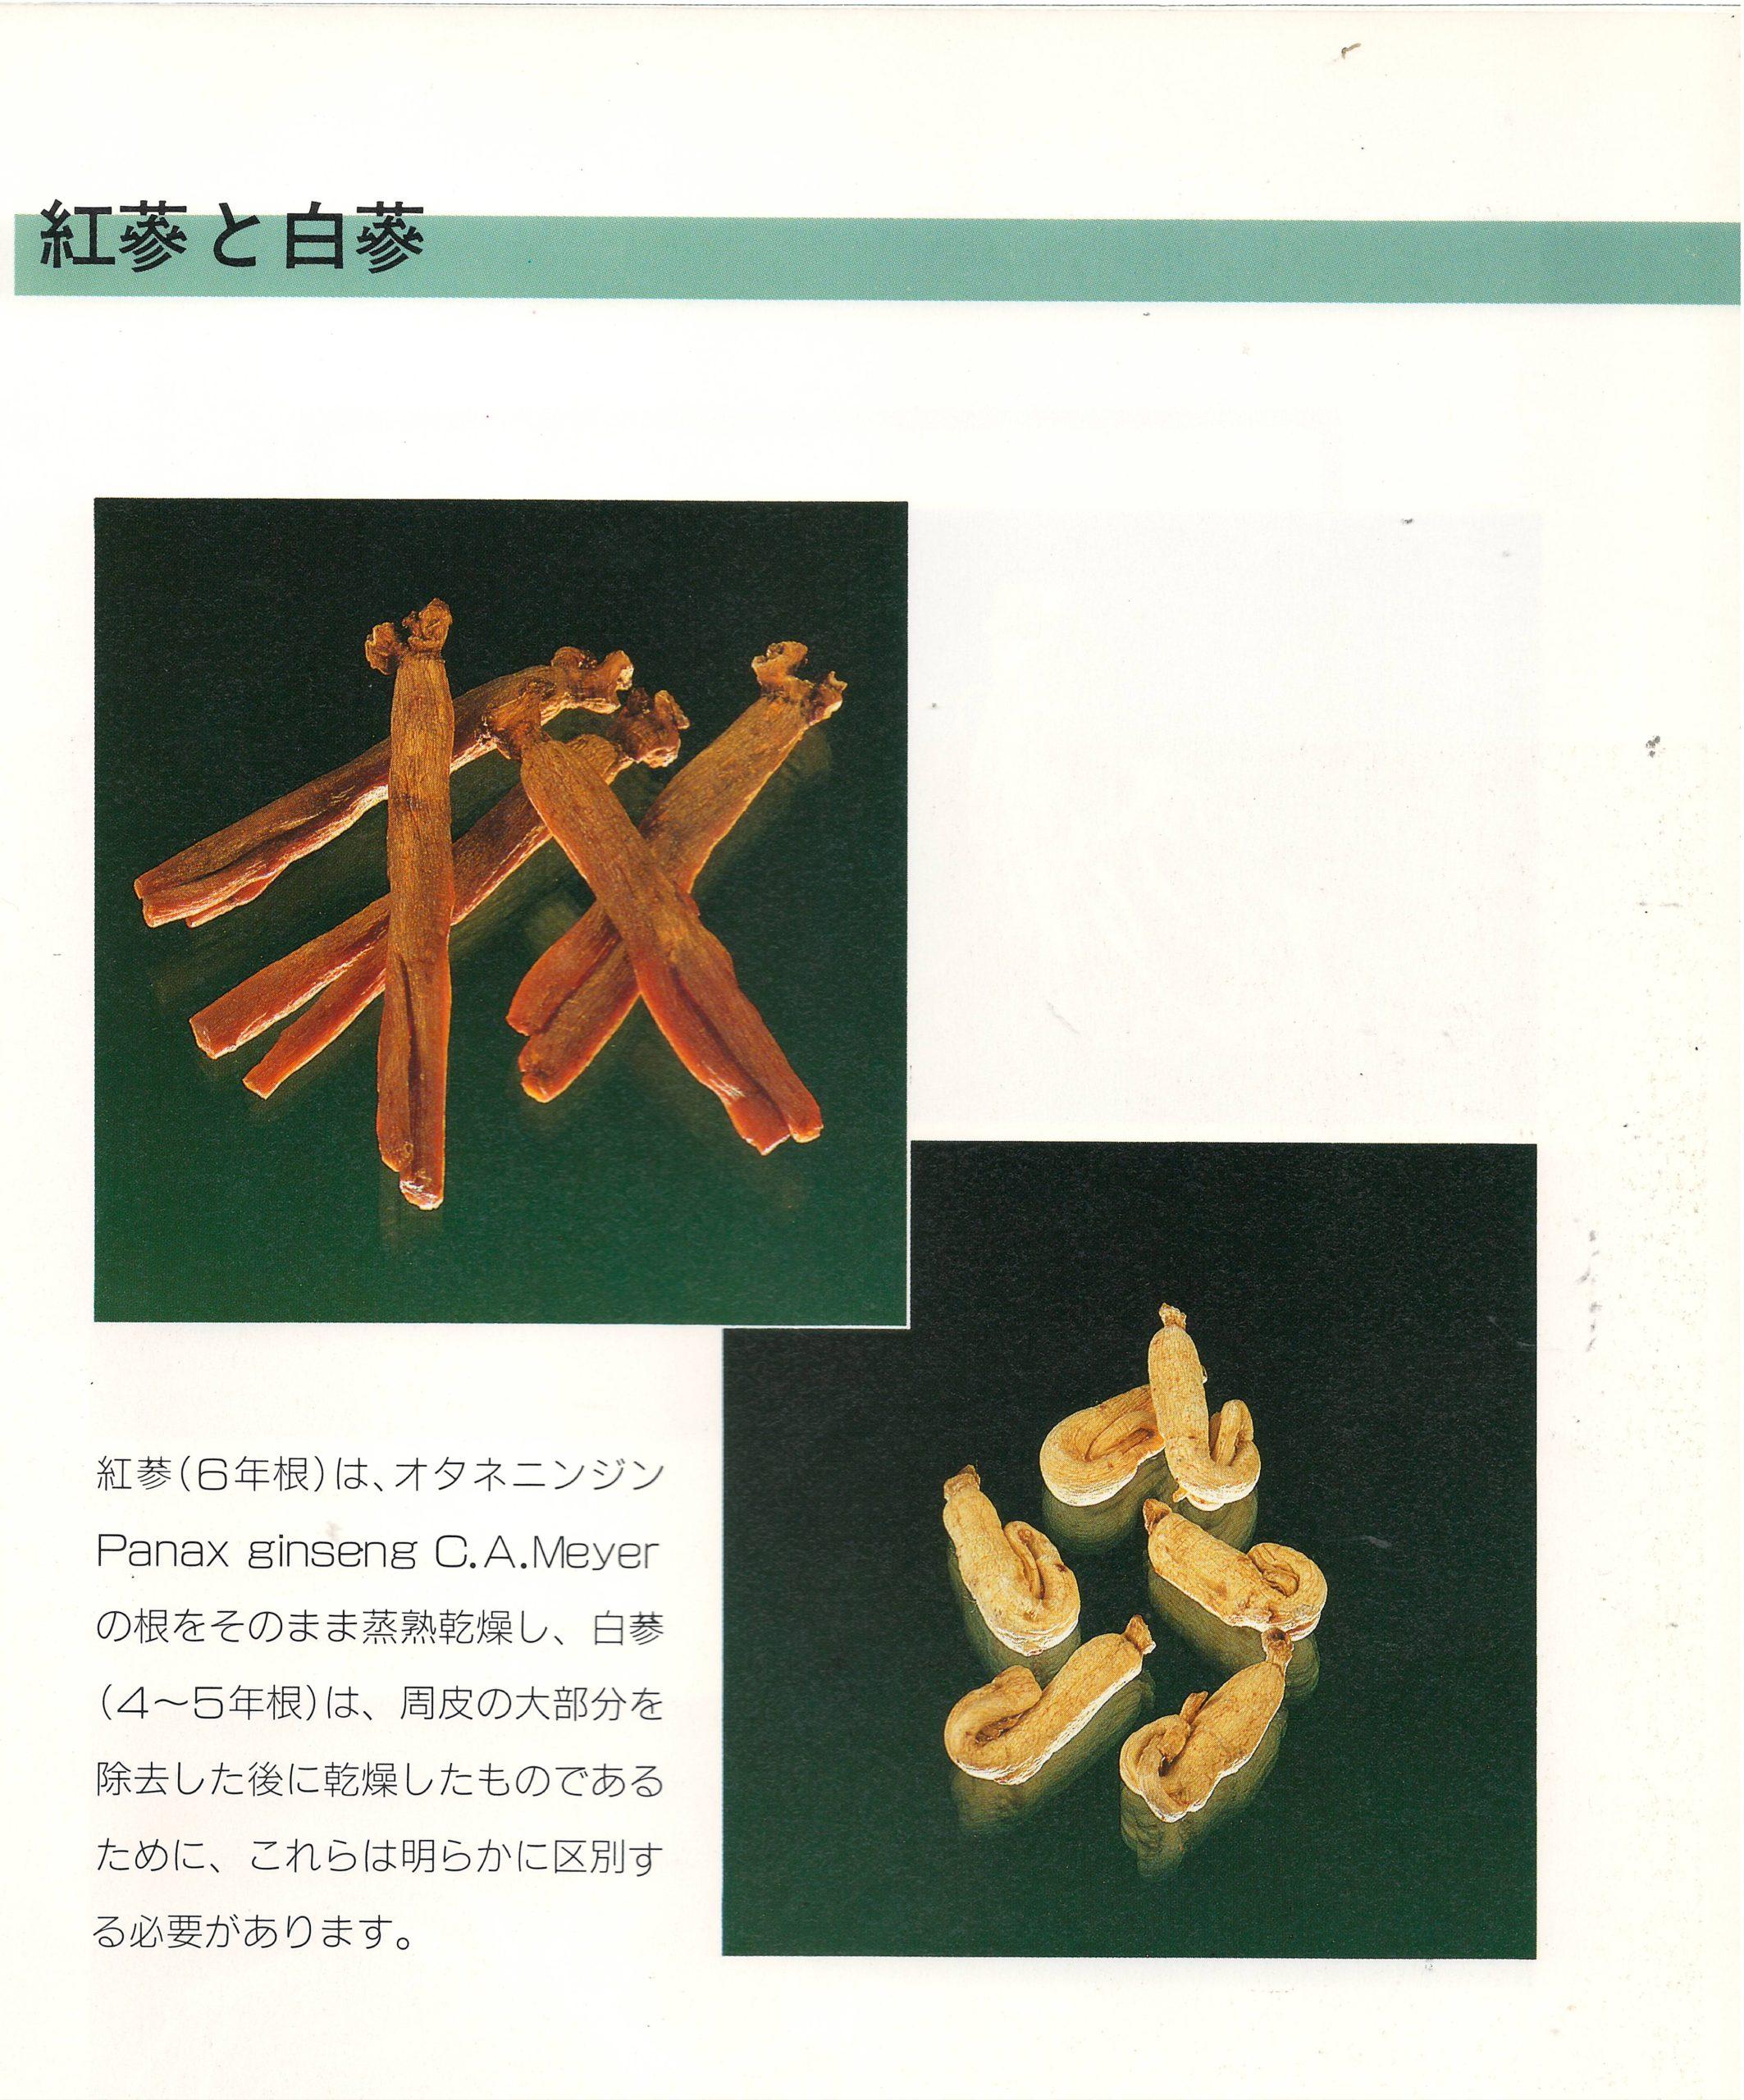 紅参と白参